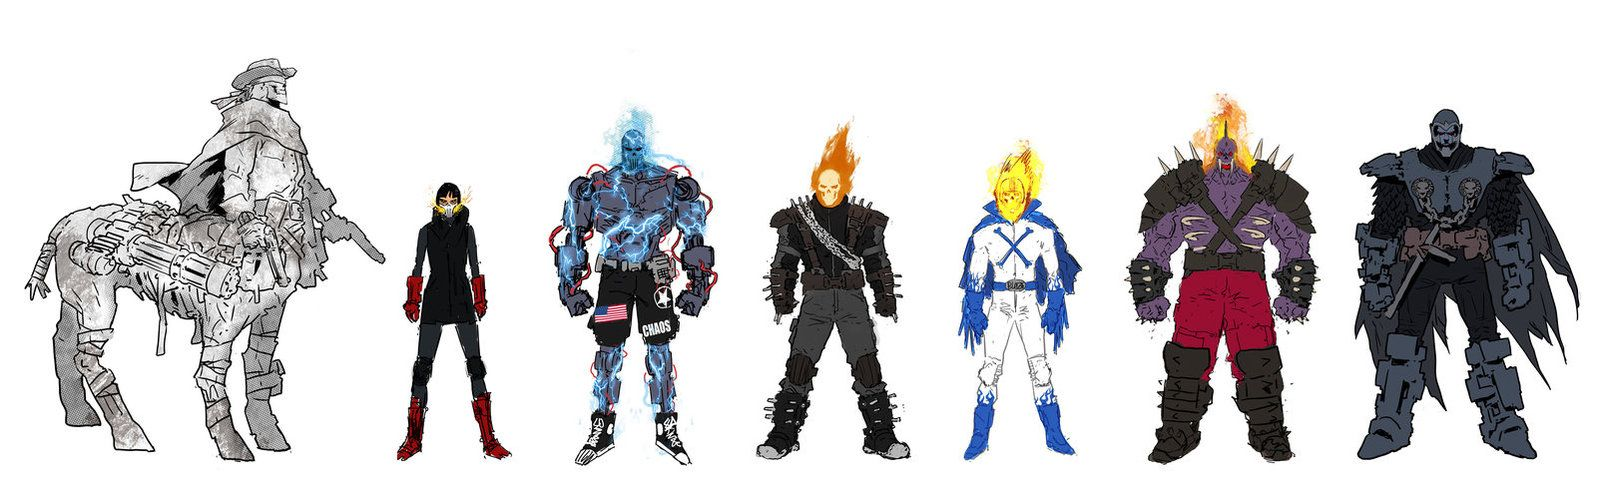 ghost_racers_characters_by_juantomajok-d8n1kdg.jpg (JPEG Image, 1597×500 pixels)